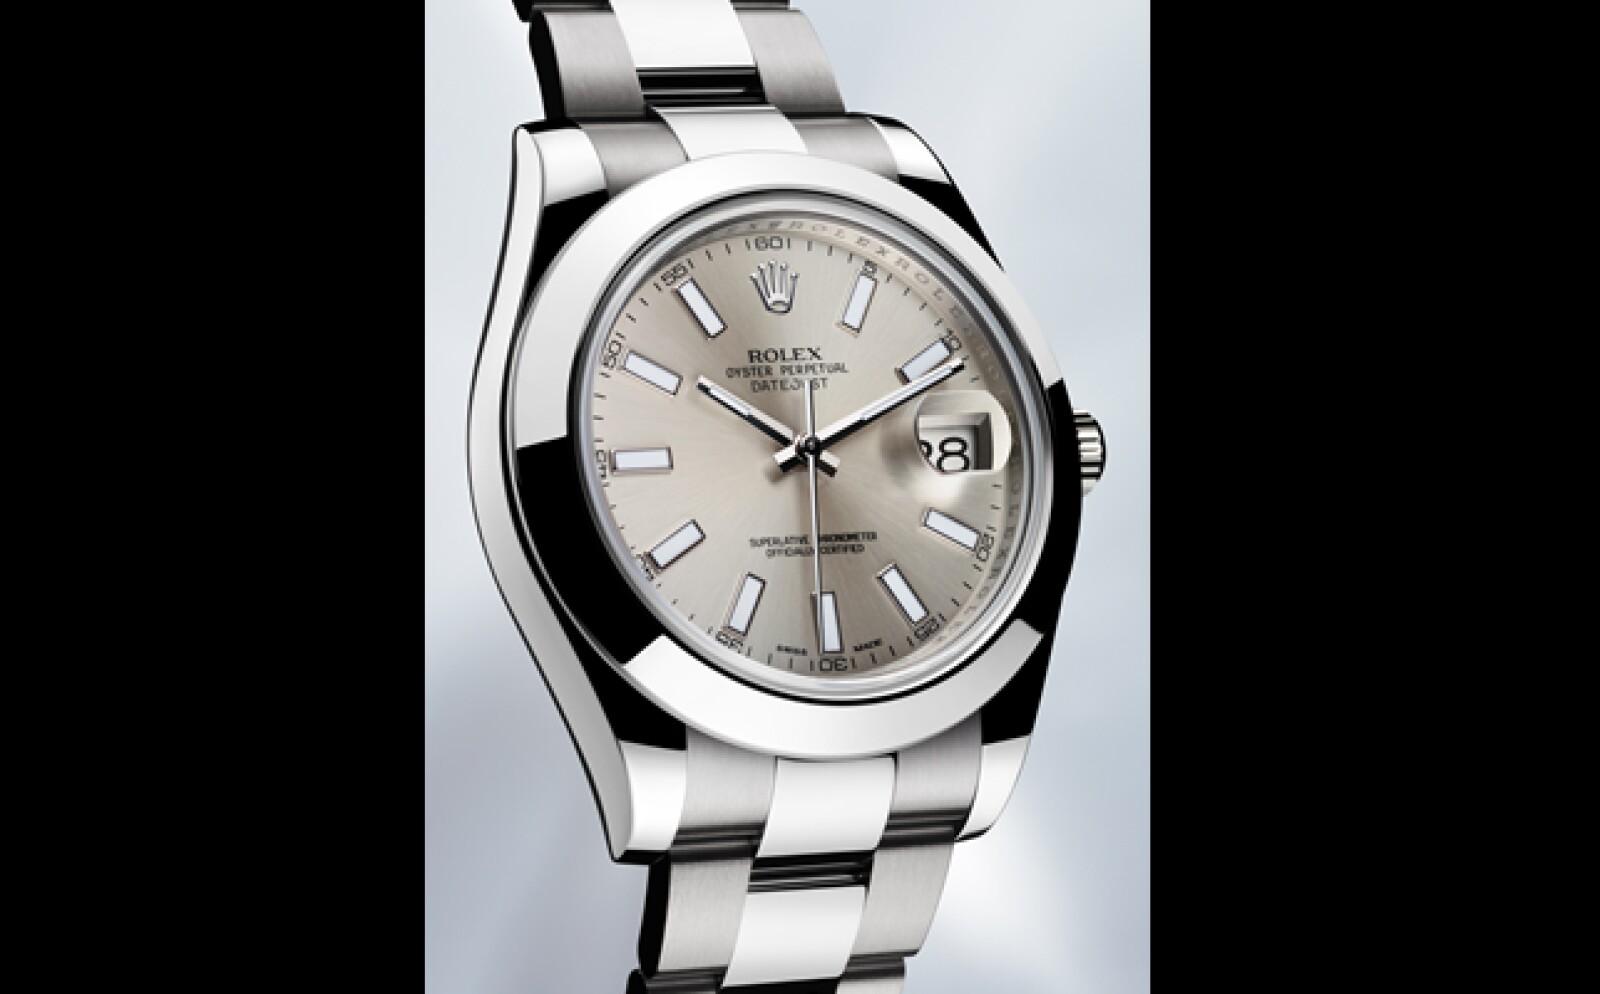 Ofrece una caja de acero de 41 mm con una resistencia al agua de 100 metros. Tiene un movimiento 3136, ciento por ciento manufactura Rolex con certificación cronométrica aprobada por el COSC. Su reserva de marcha es de 48 horas.